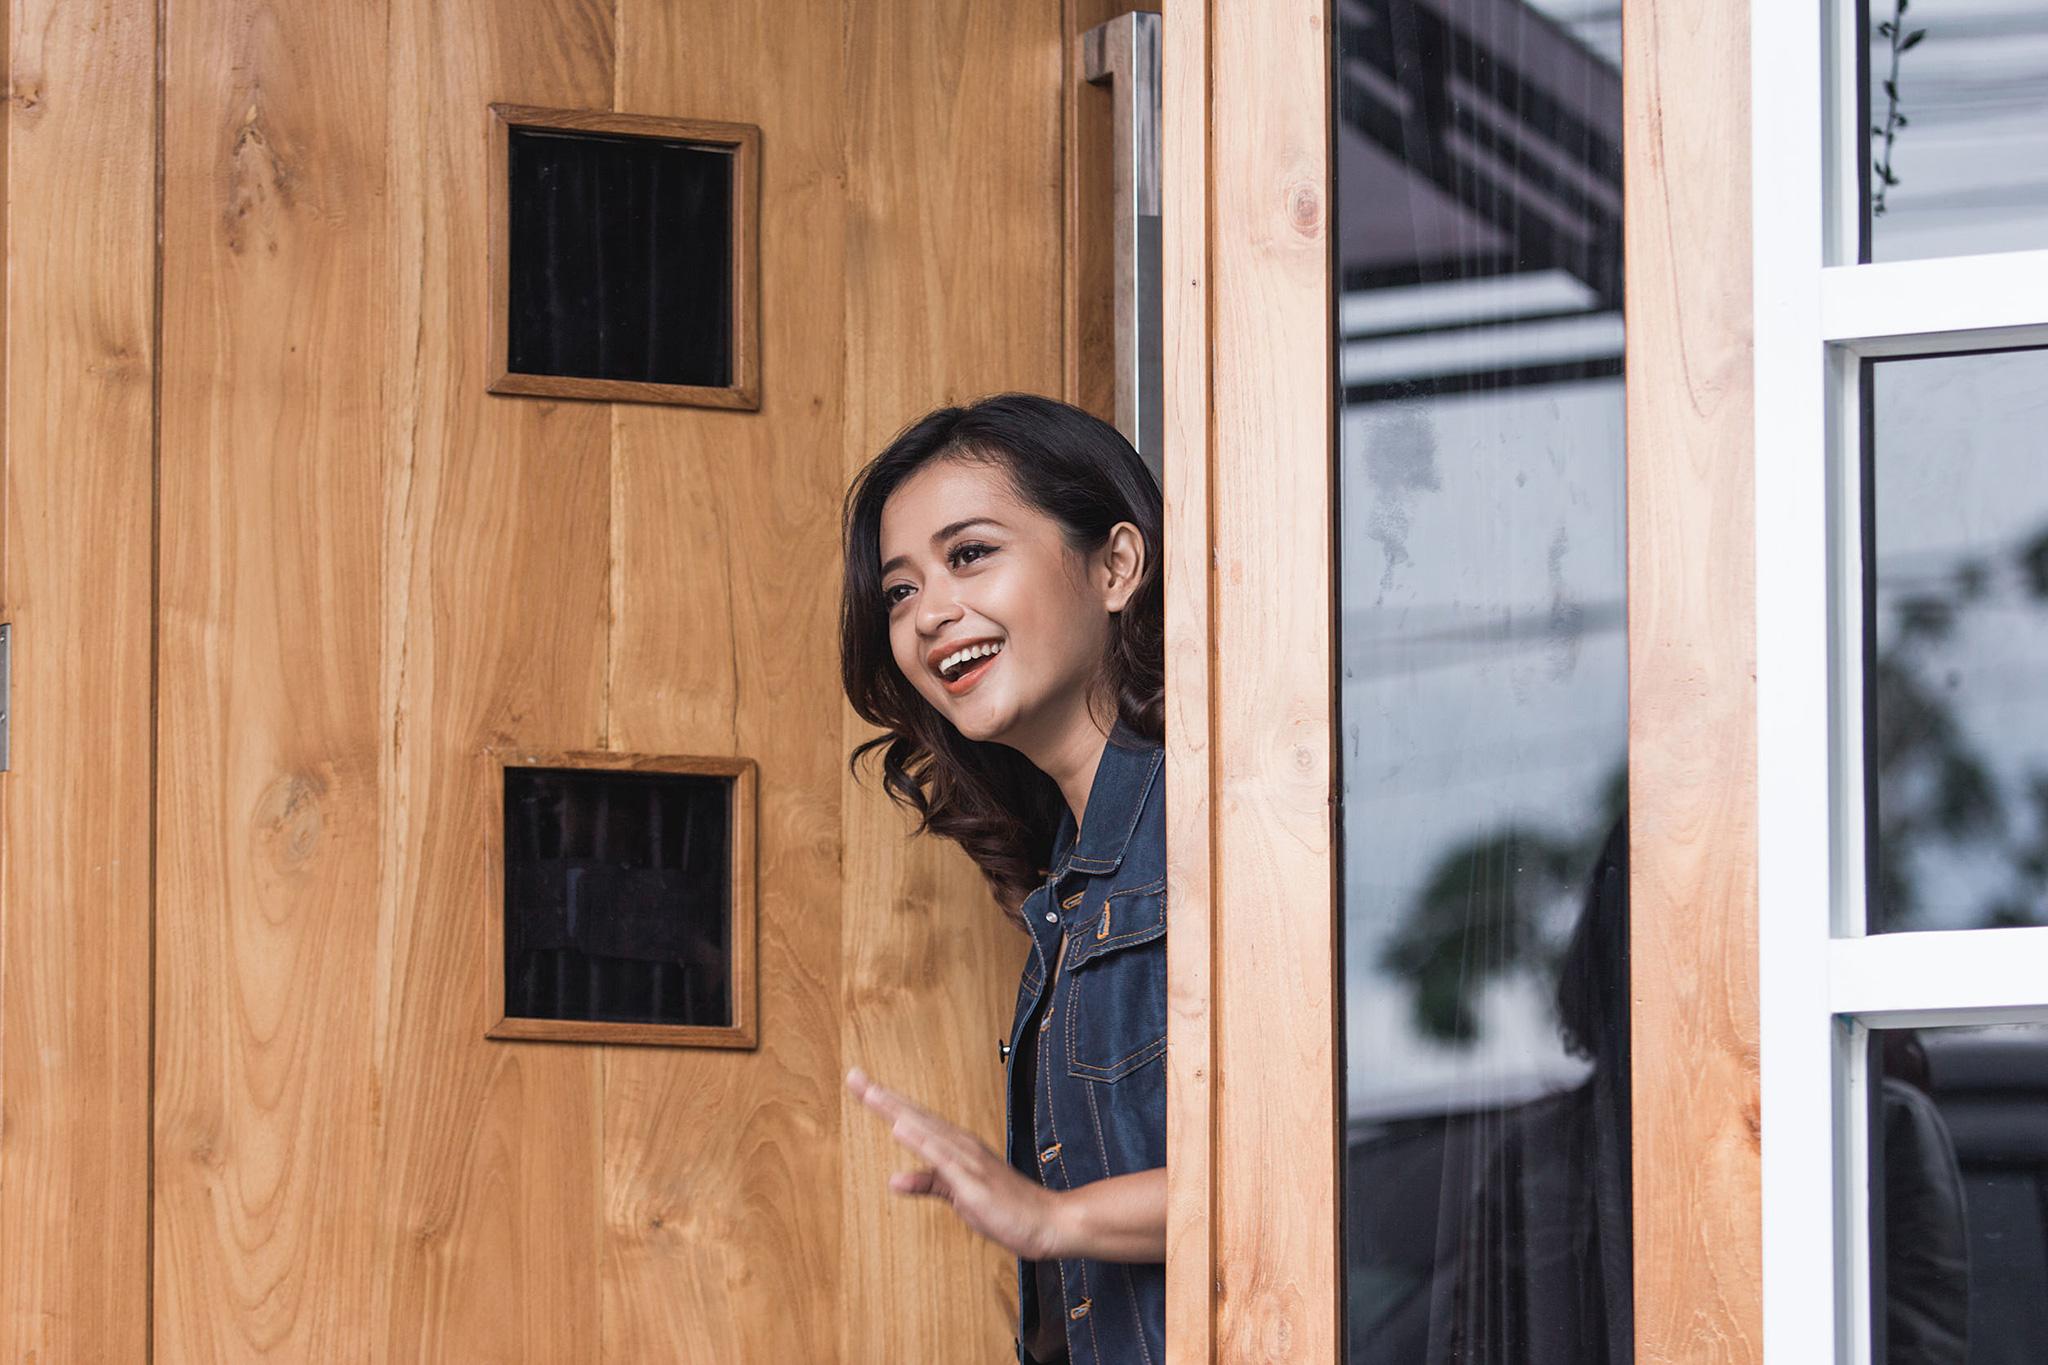 Frau öffnet freundlich die Haustür